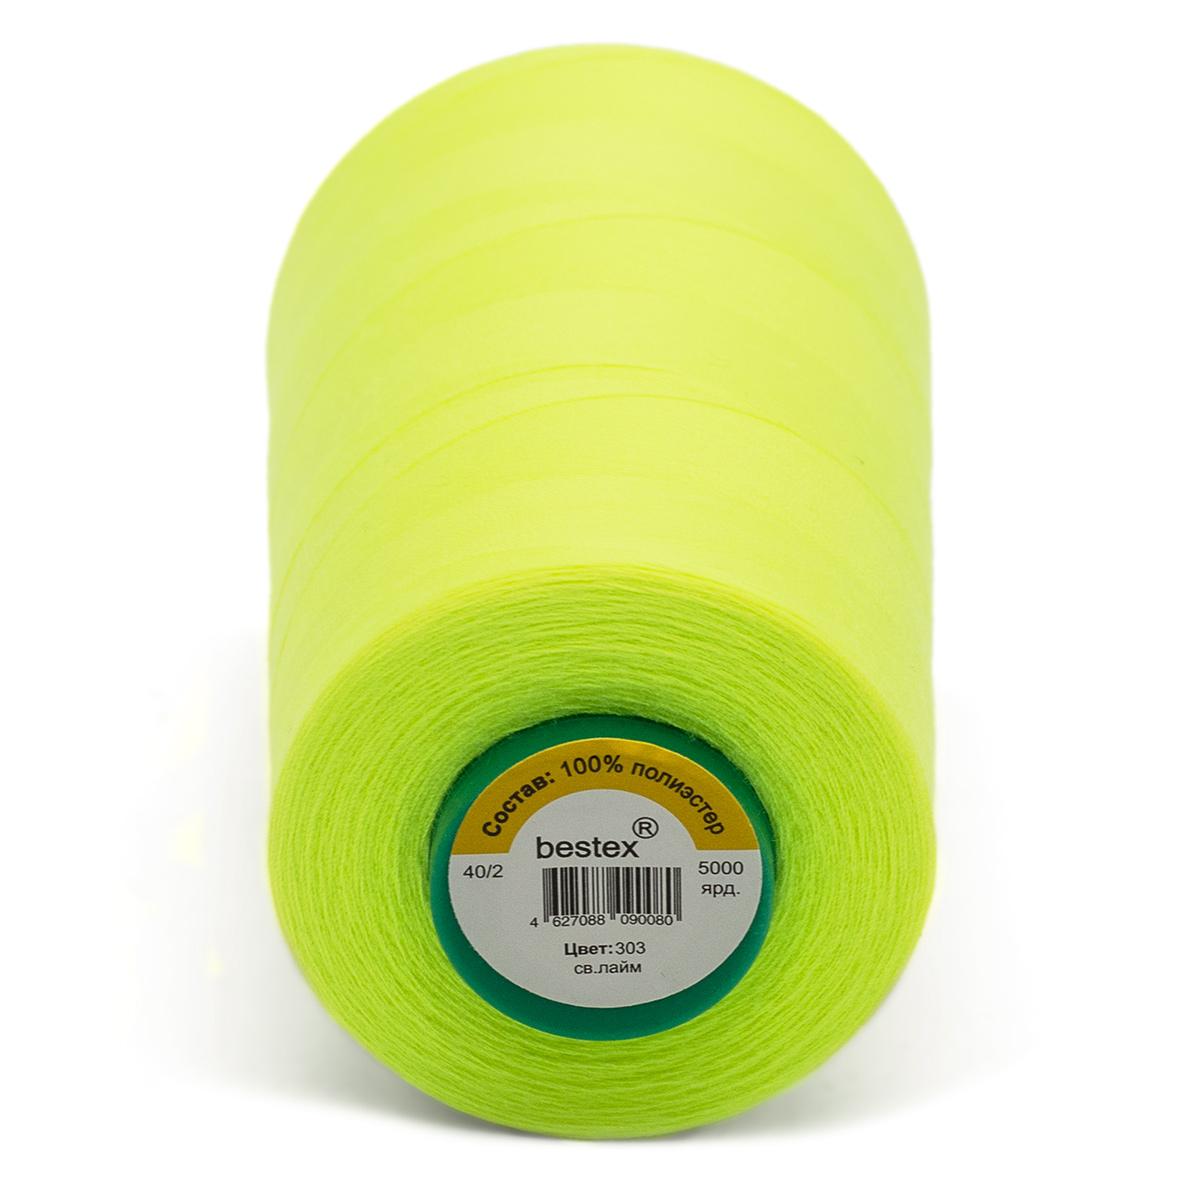 Универсальная швейная нить, 40/2, 5000 ярд, 100% пэ, Bestex